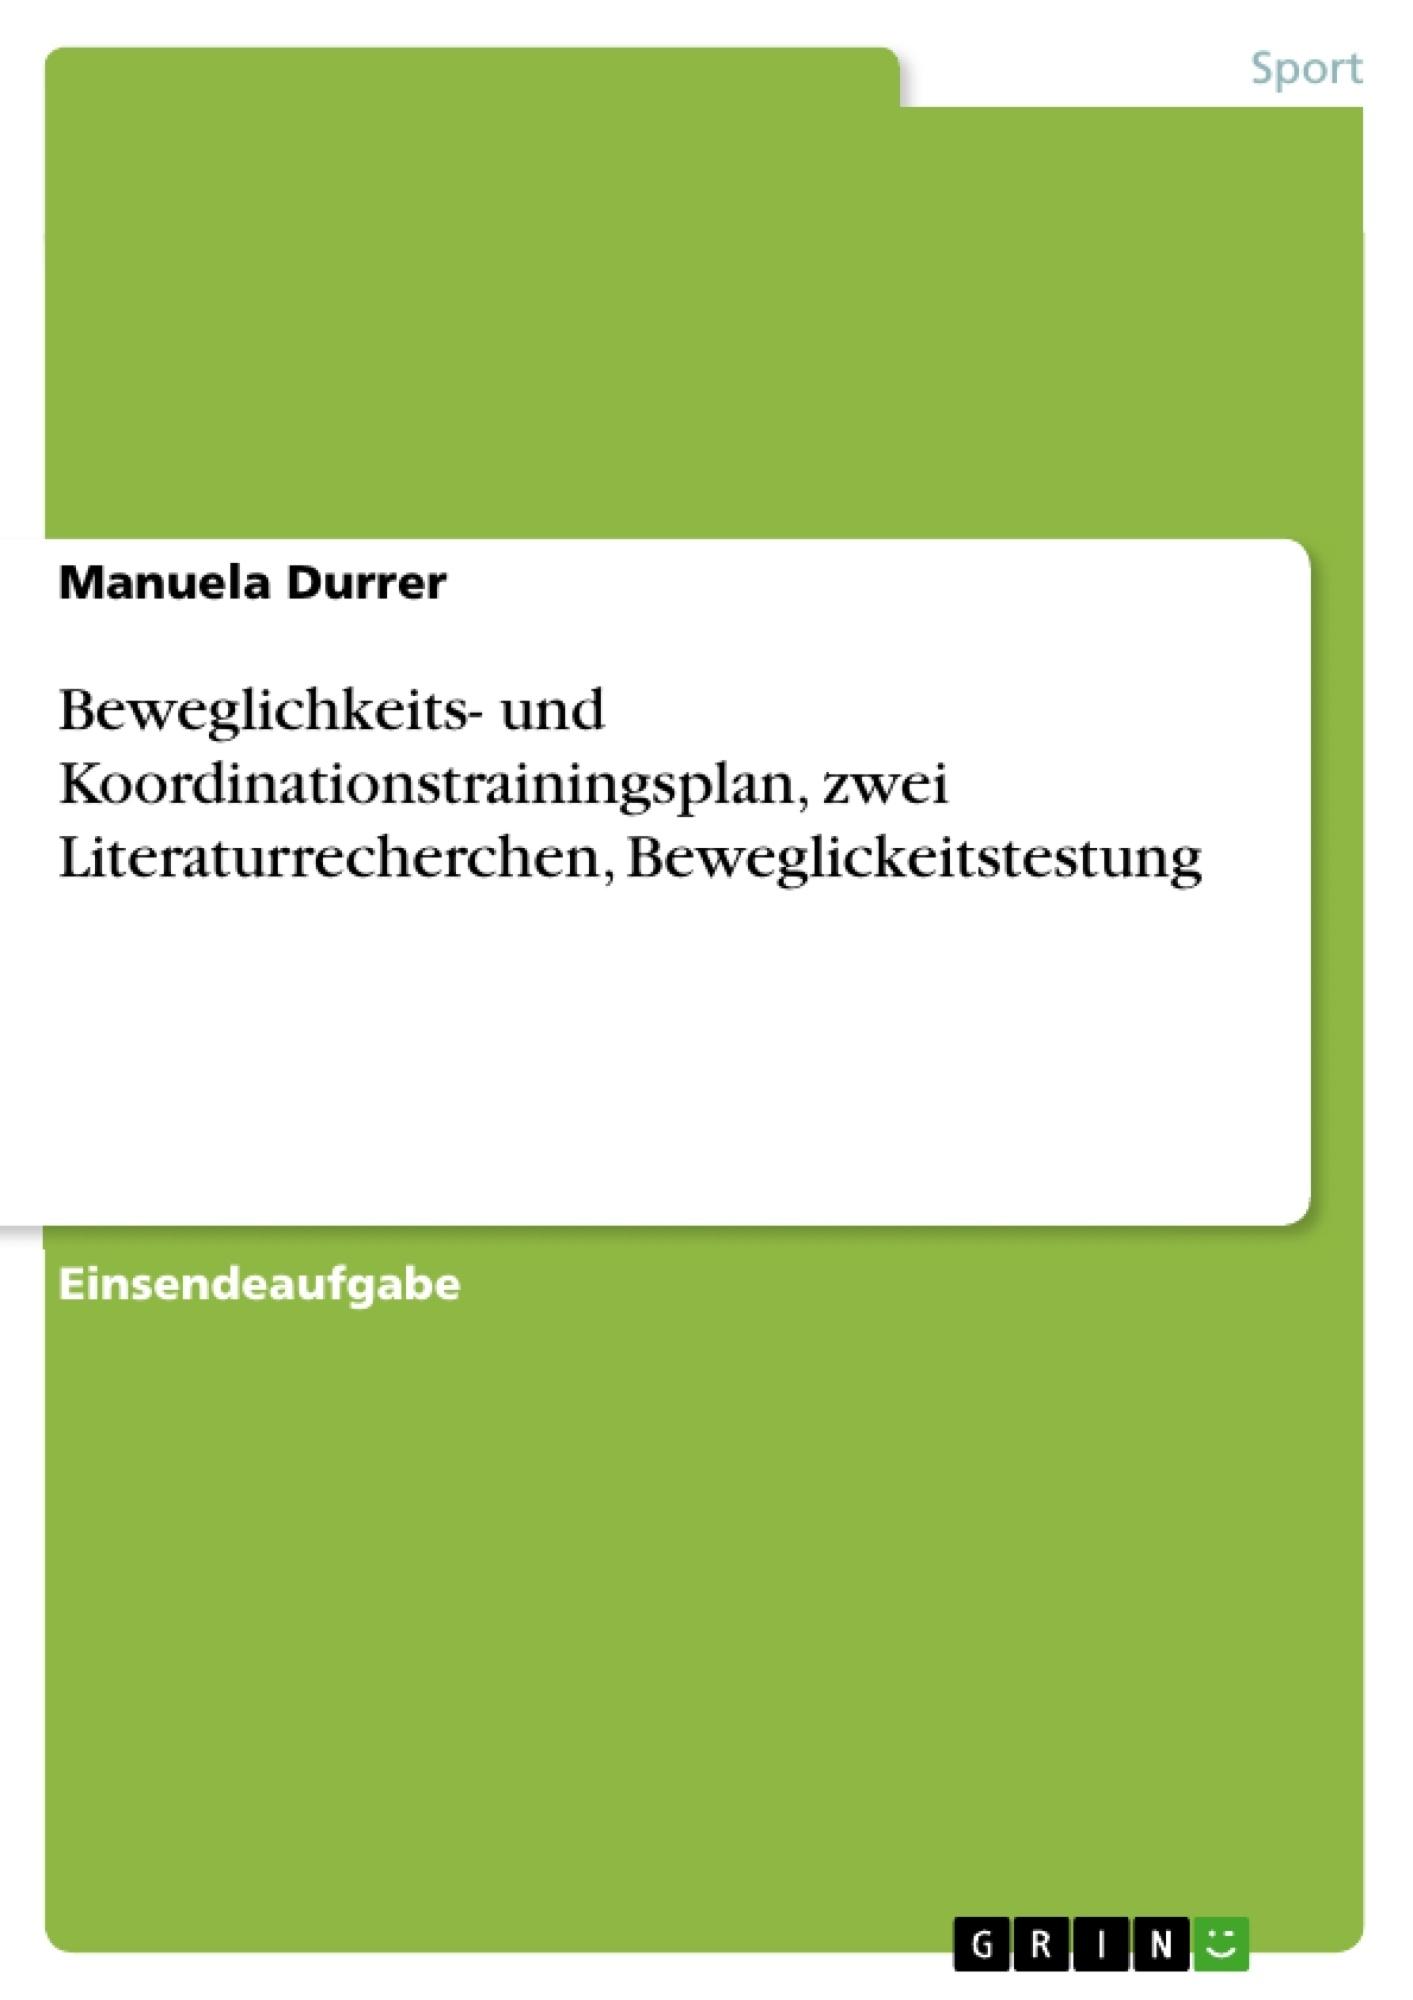 Titel: Beweglichkeits- und Koordinationstrainingsplan, zwei Literaturrecherchen, Beweglickeitstestung